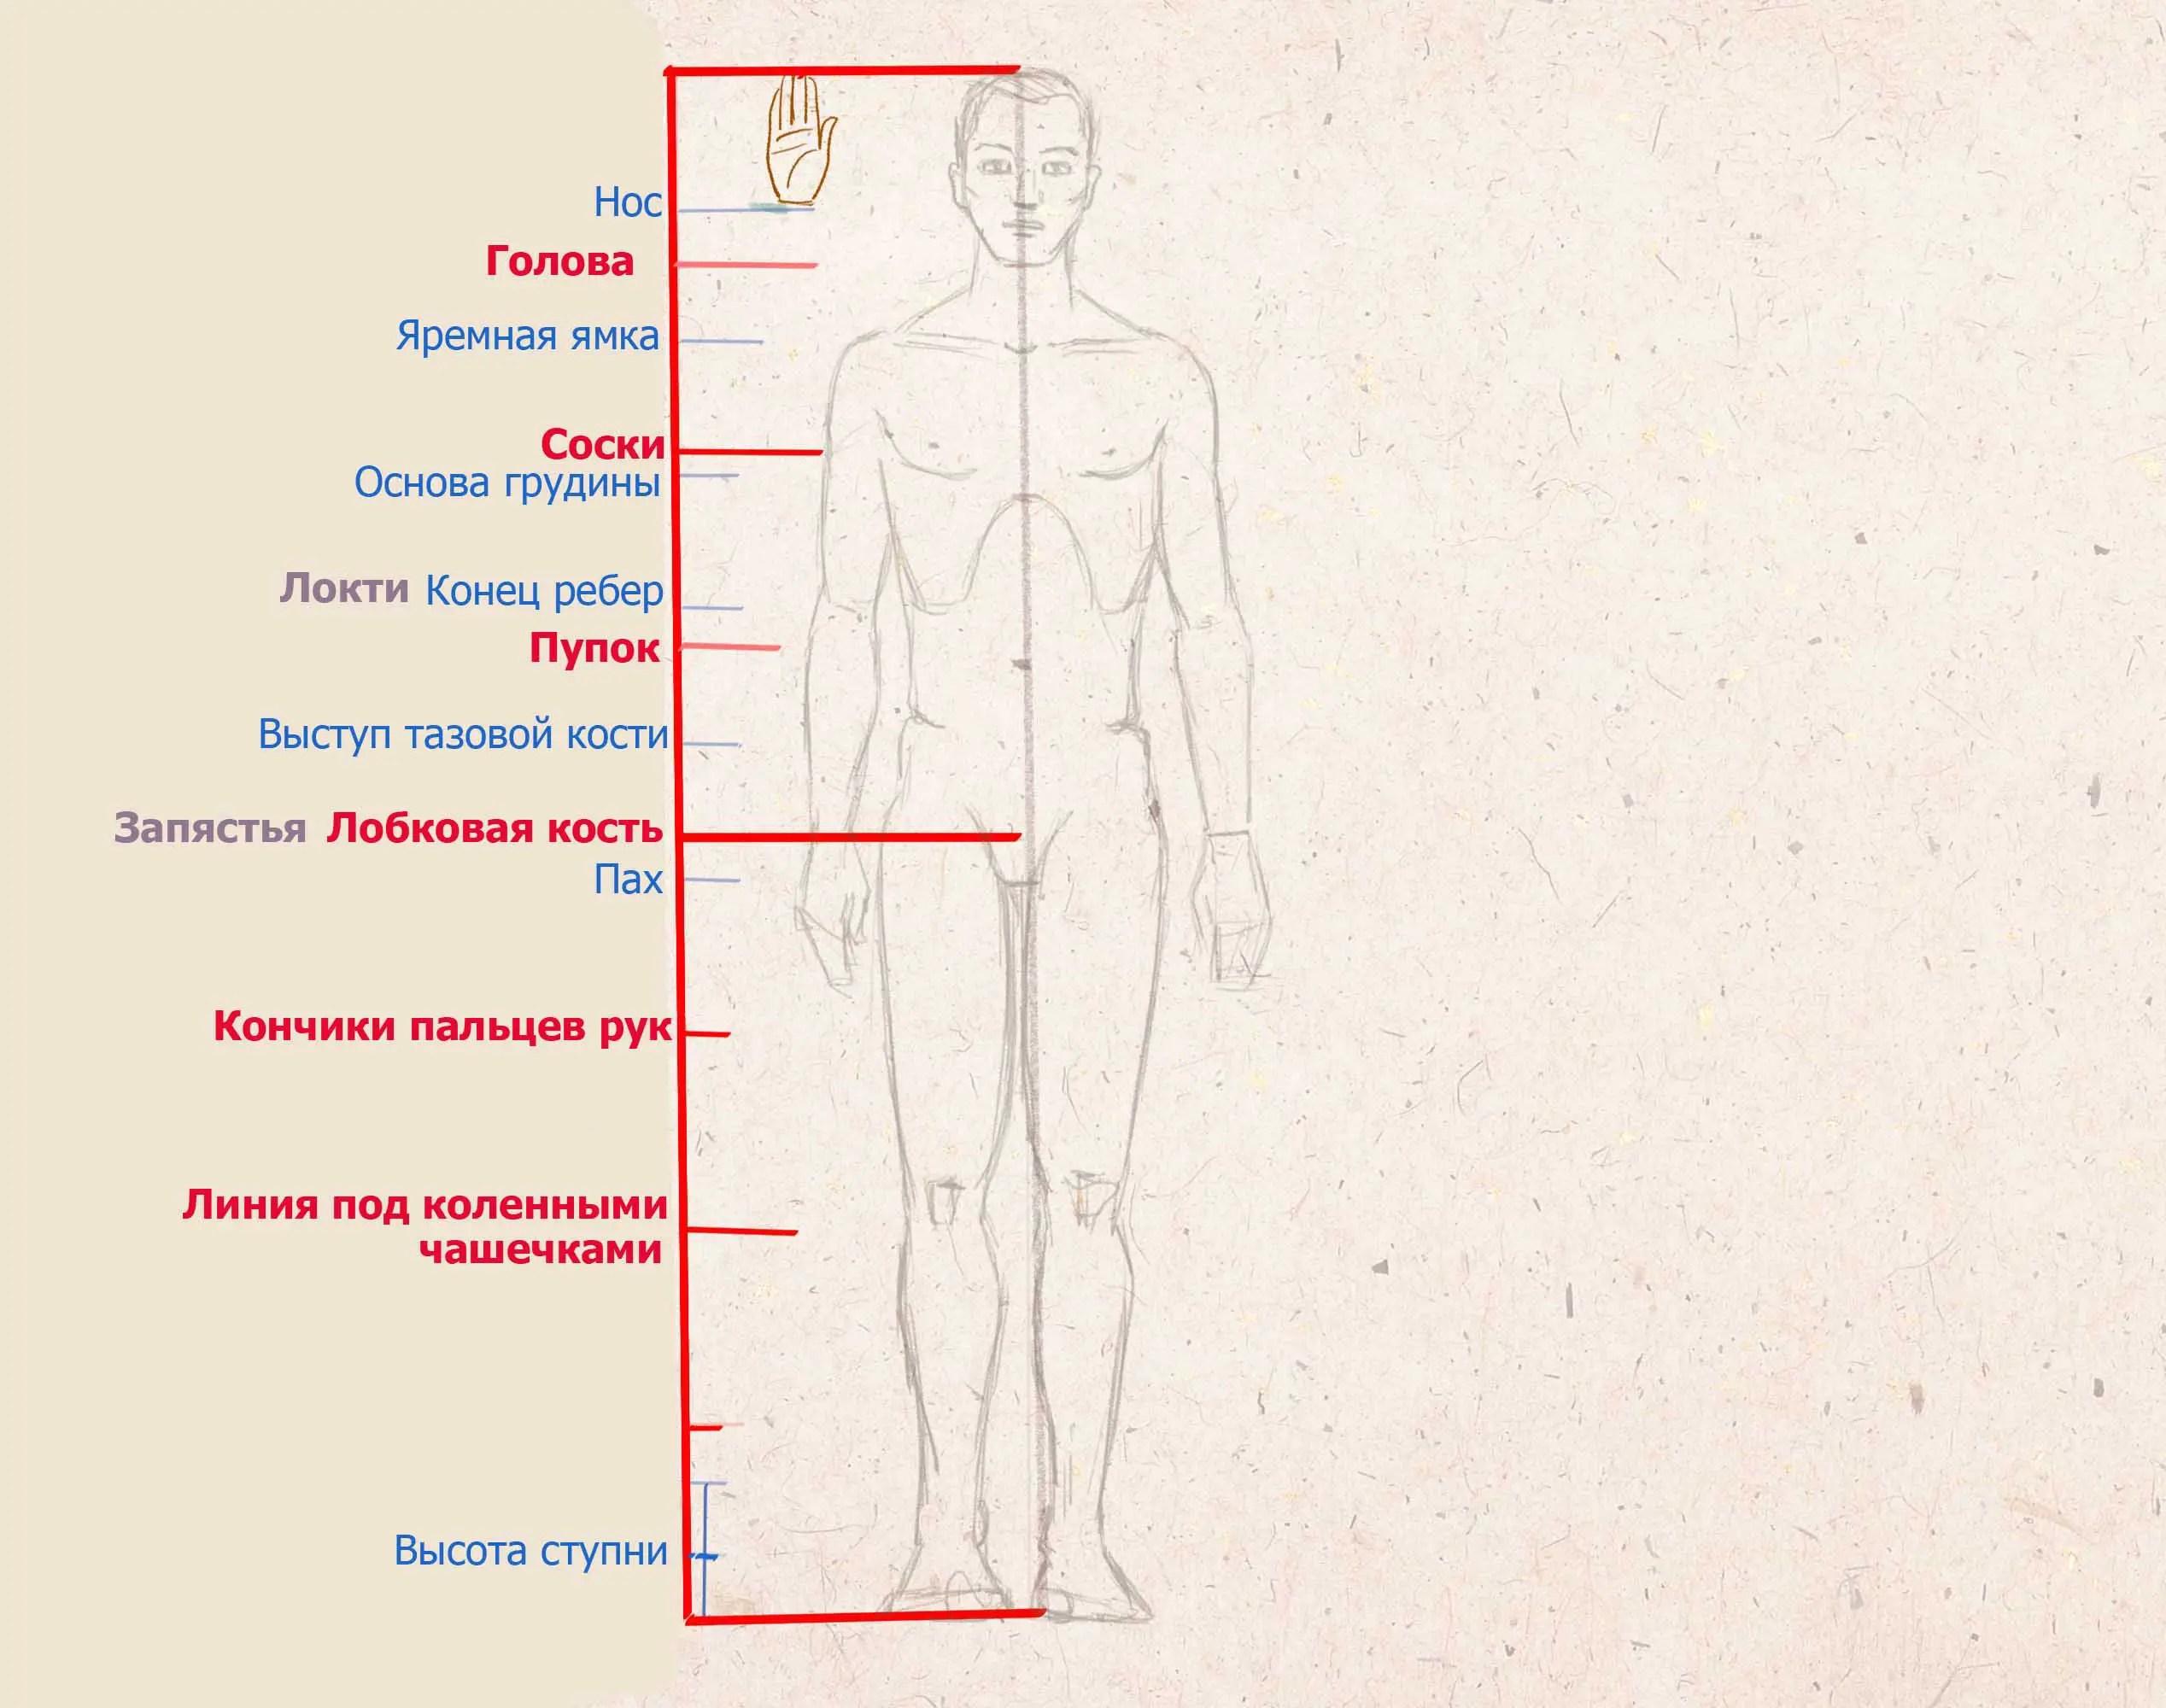 Henkilön kehon mittasuhteet kämmenissä